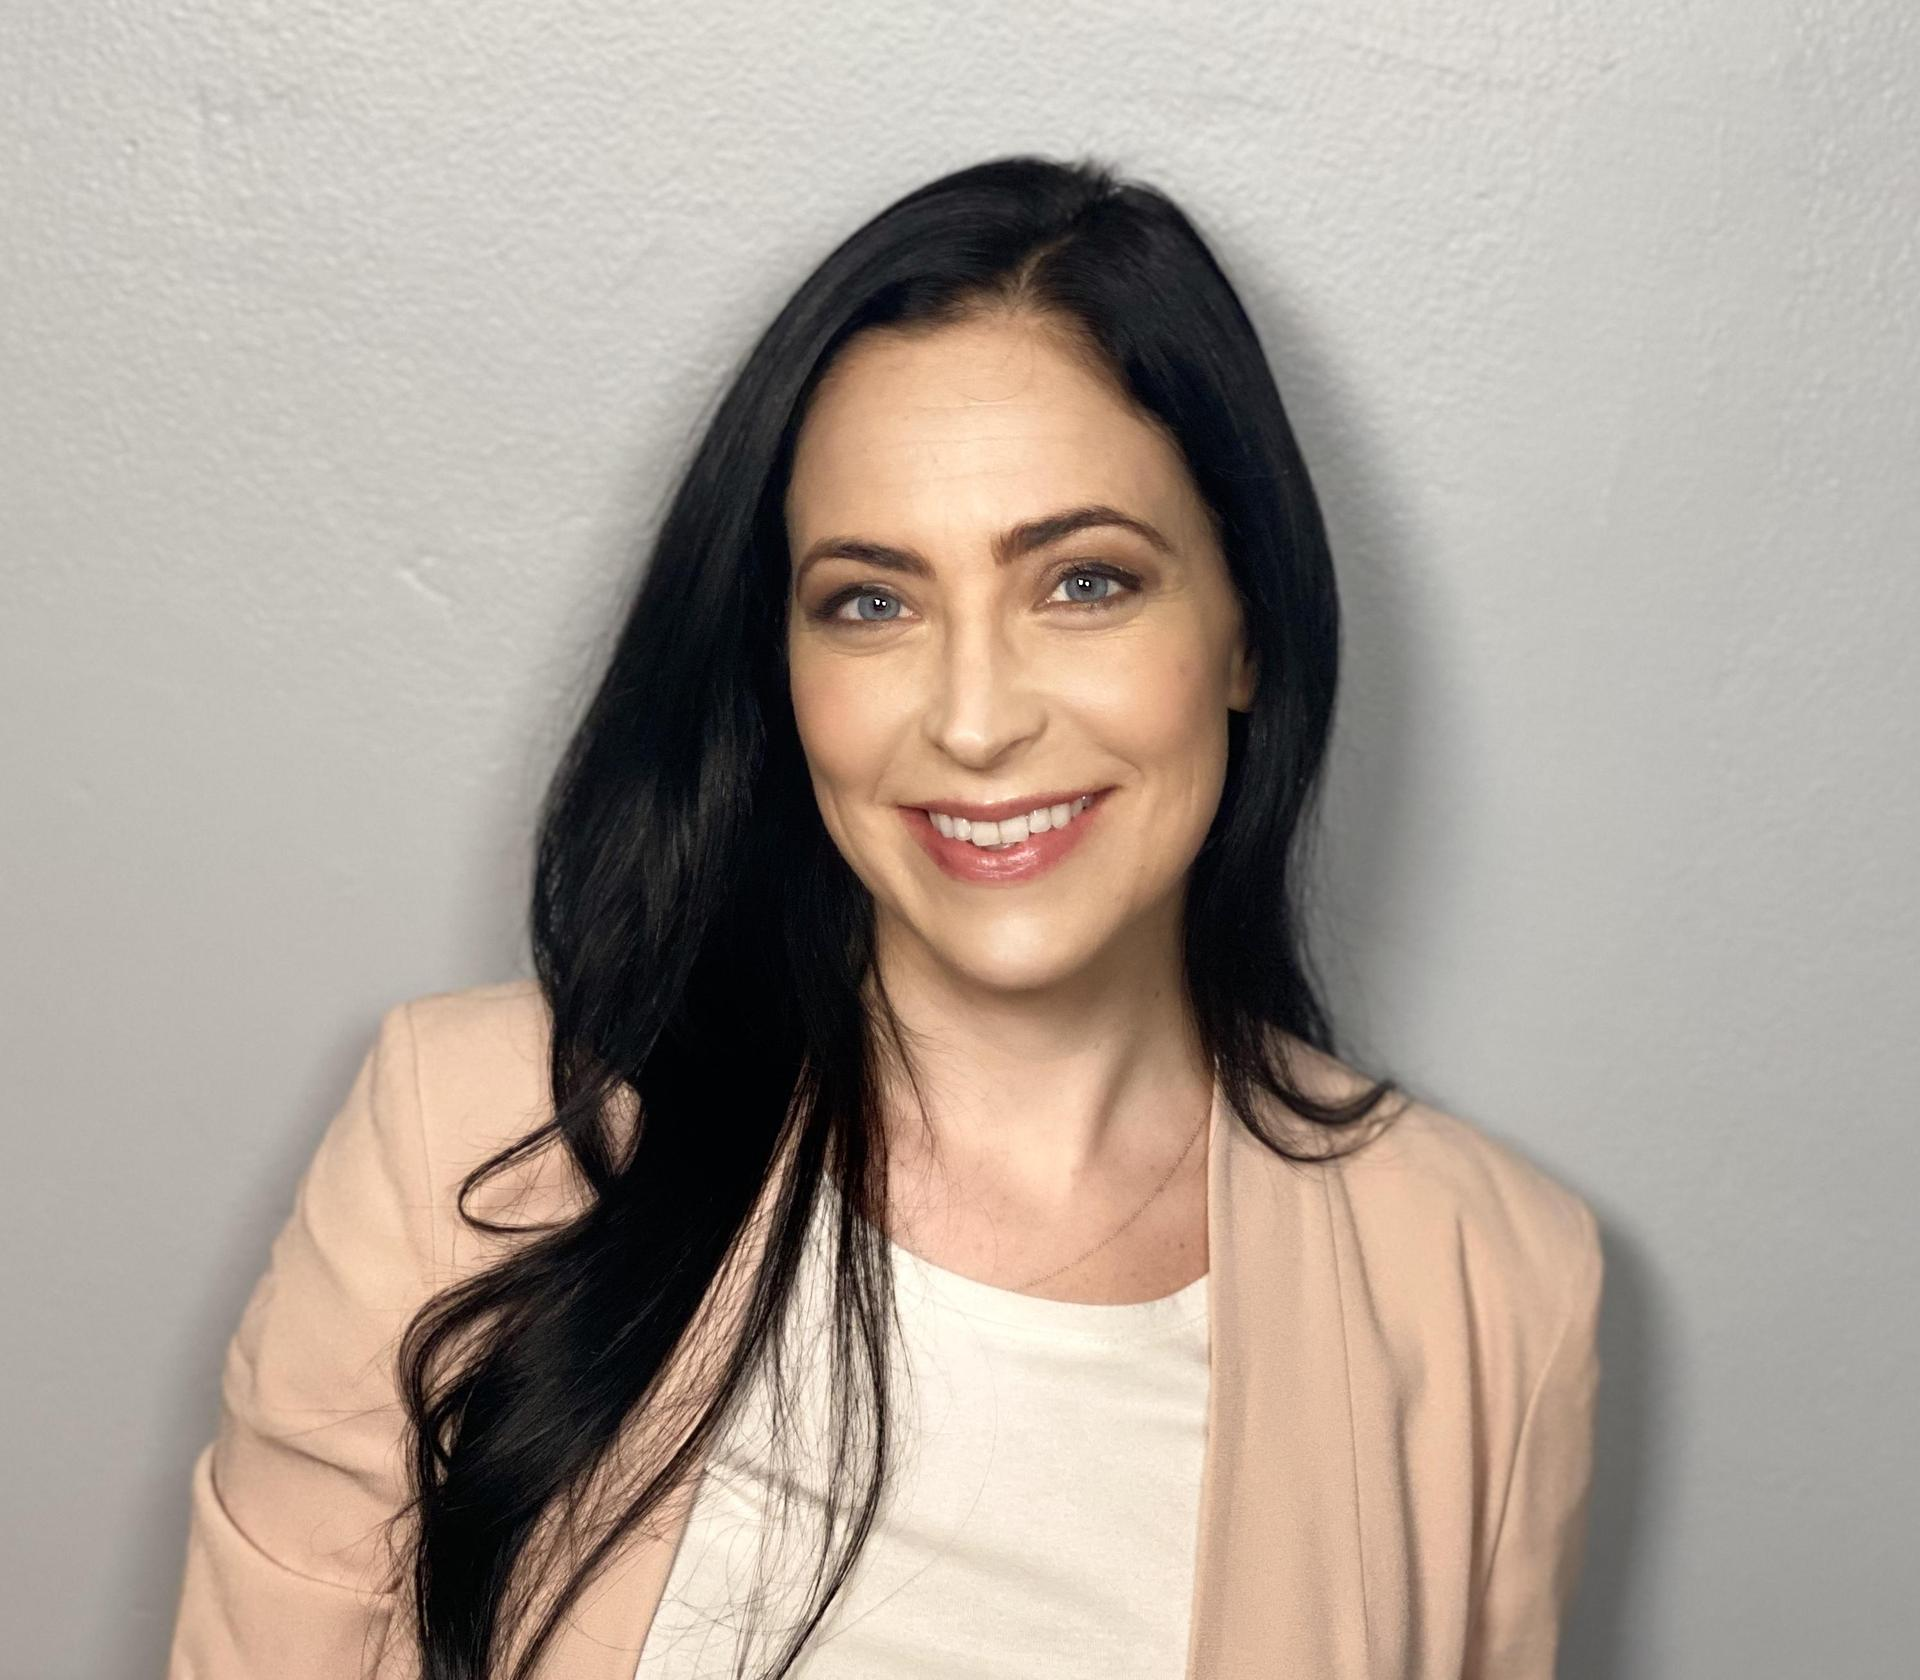 Alyssa Santino